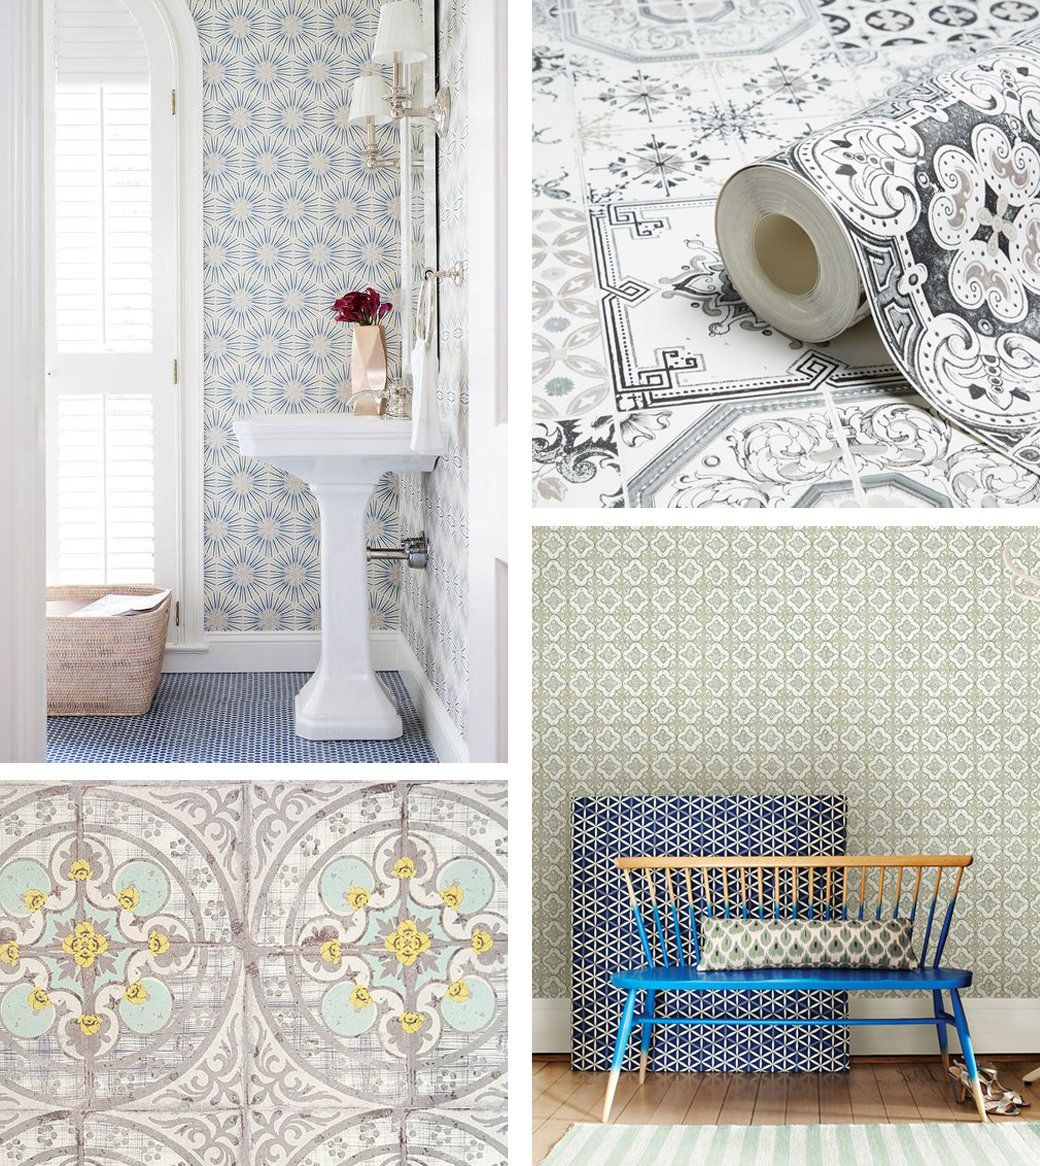 Faux Tile Marble Wallpaper Decor8 Faux Tiles Home Decor Accessories Decor